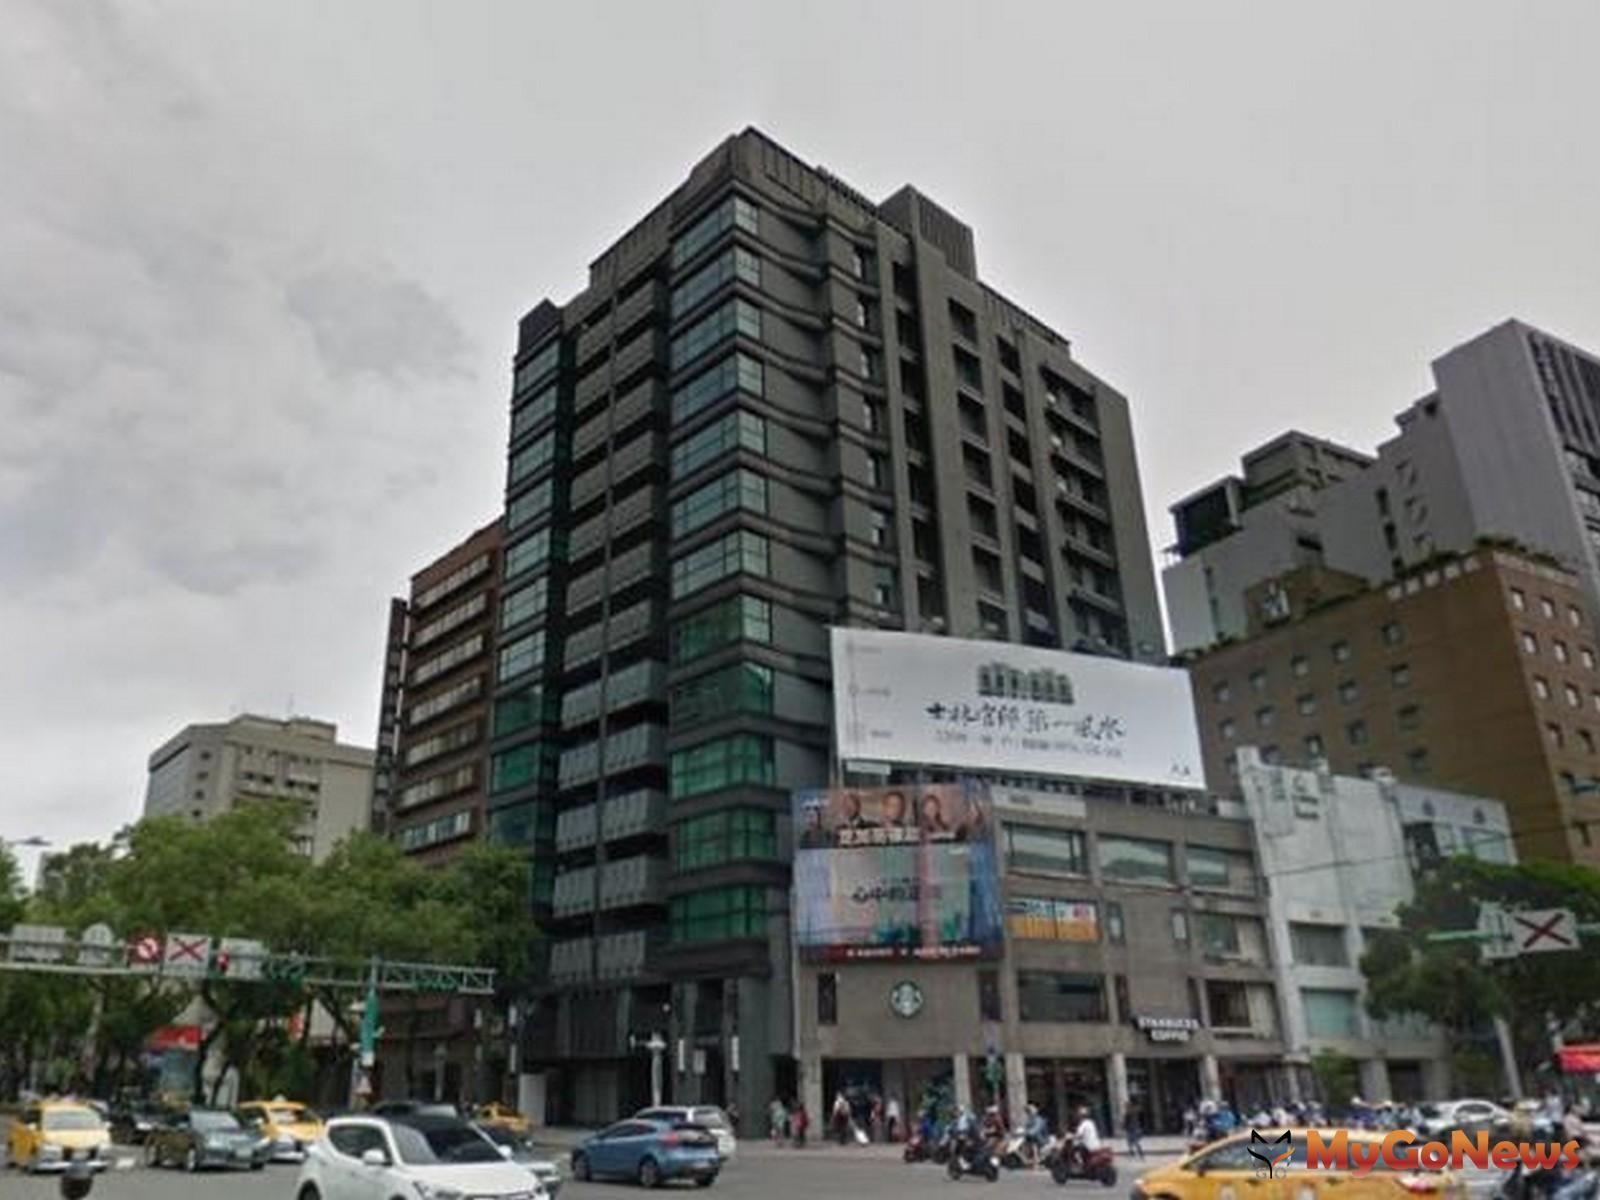 又見豪宅賠售,台北市這條路淪賠售大戶,「中山富御」二戶降價賣,中山北路二段豪宅命運多舛(圖/翻攝Google街景) MyGoNews房地產新聞 市場快訊